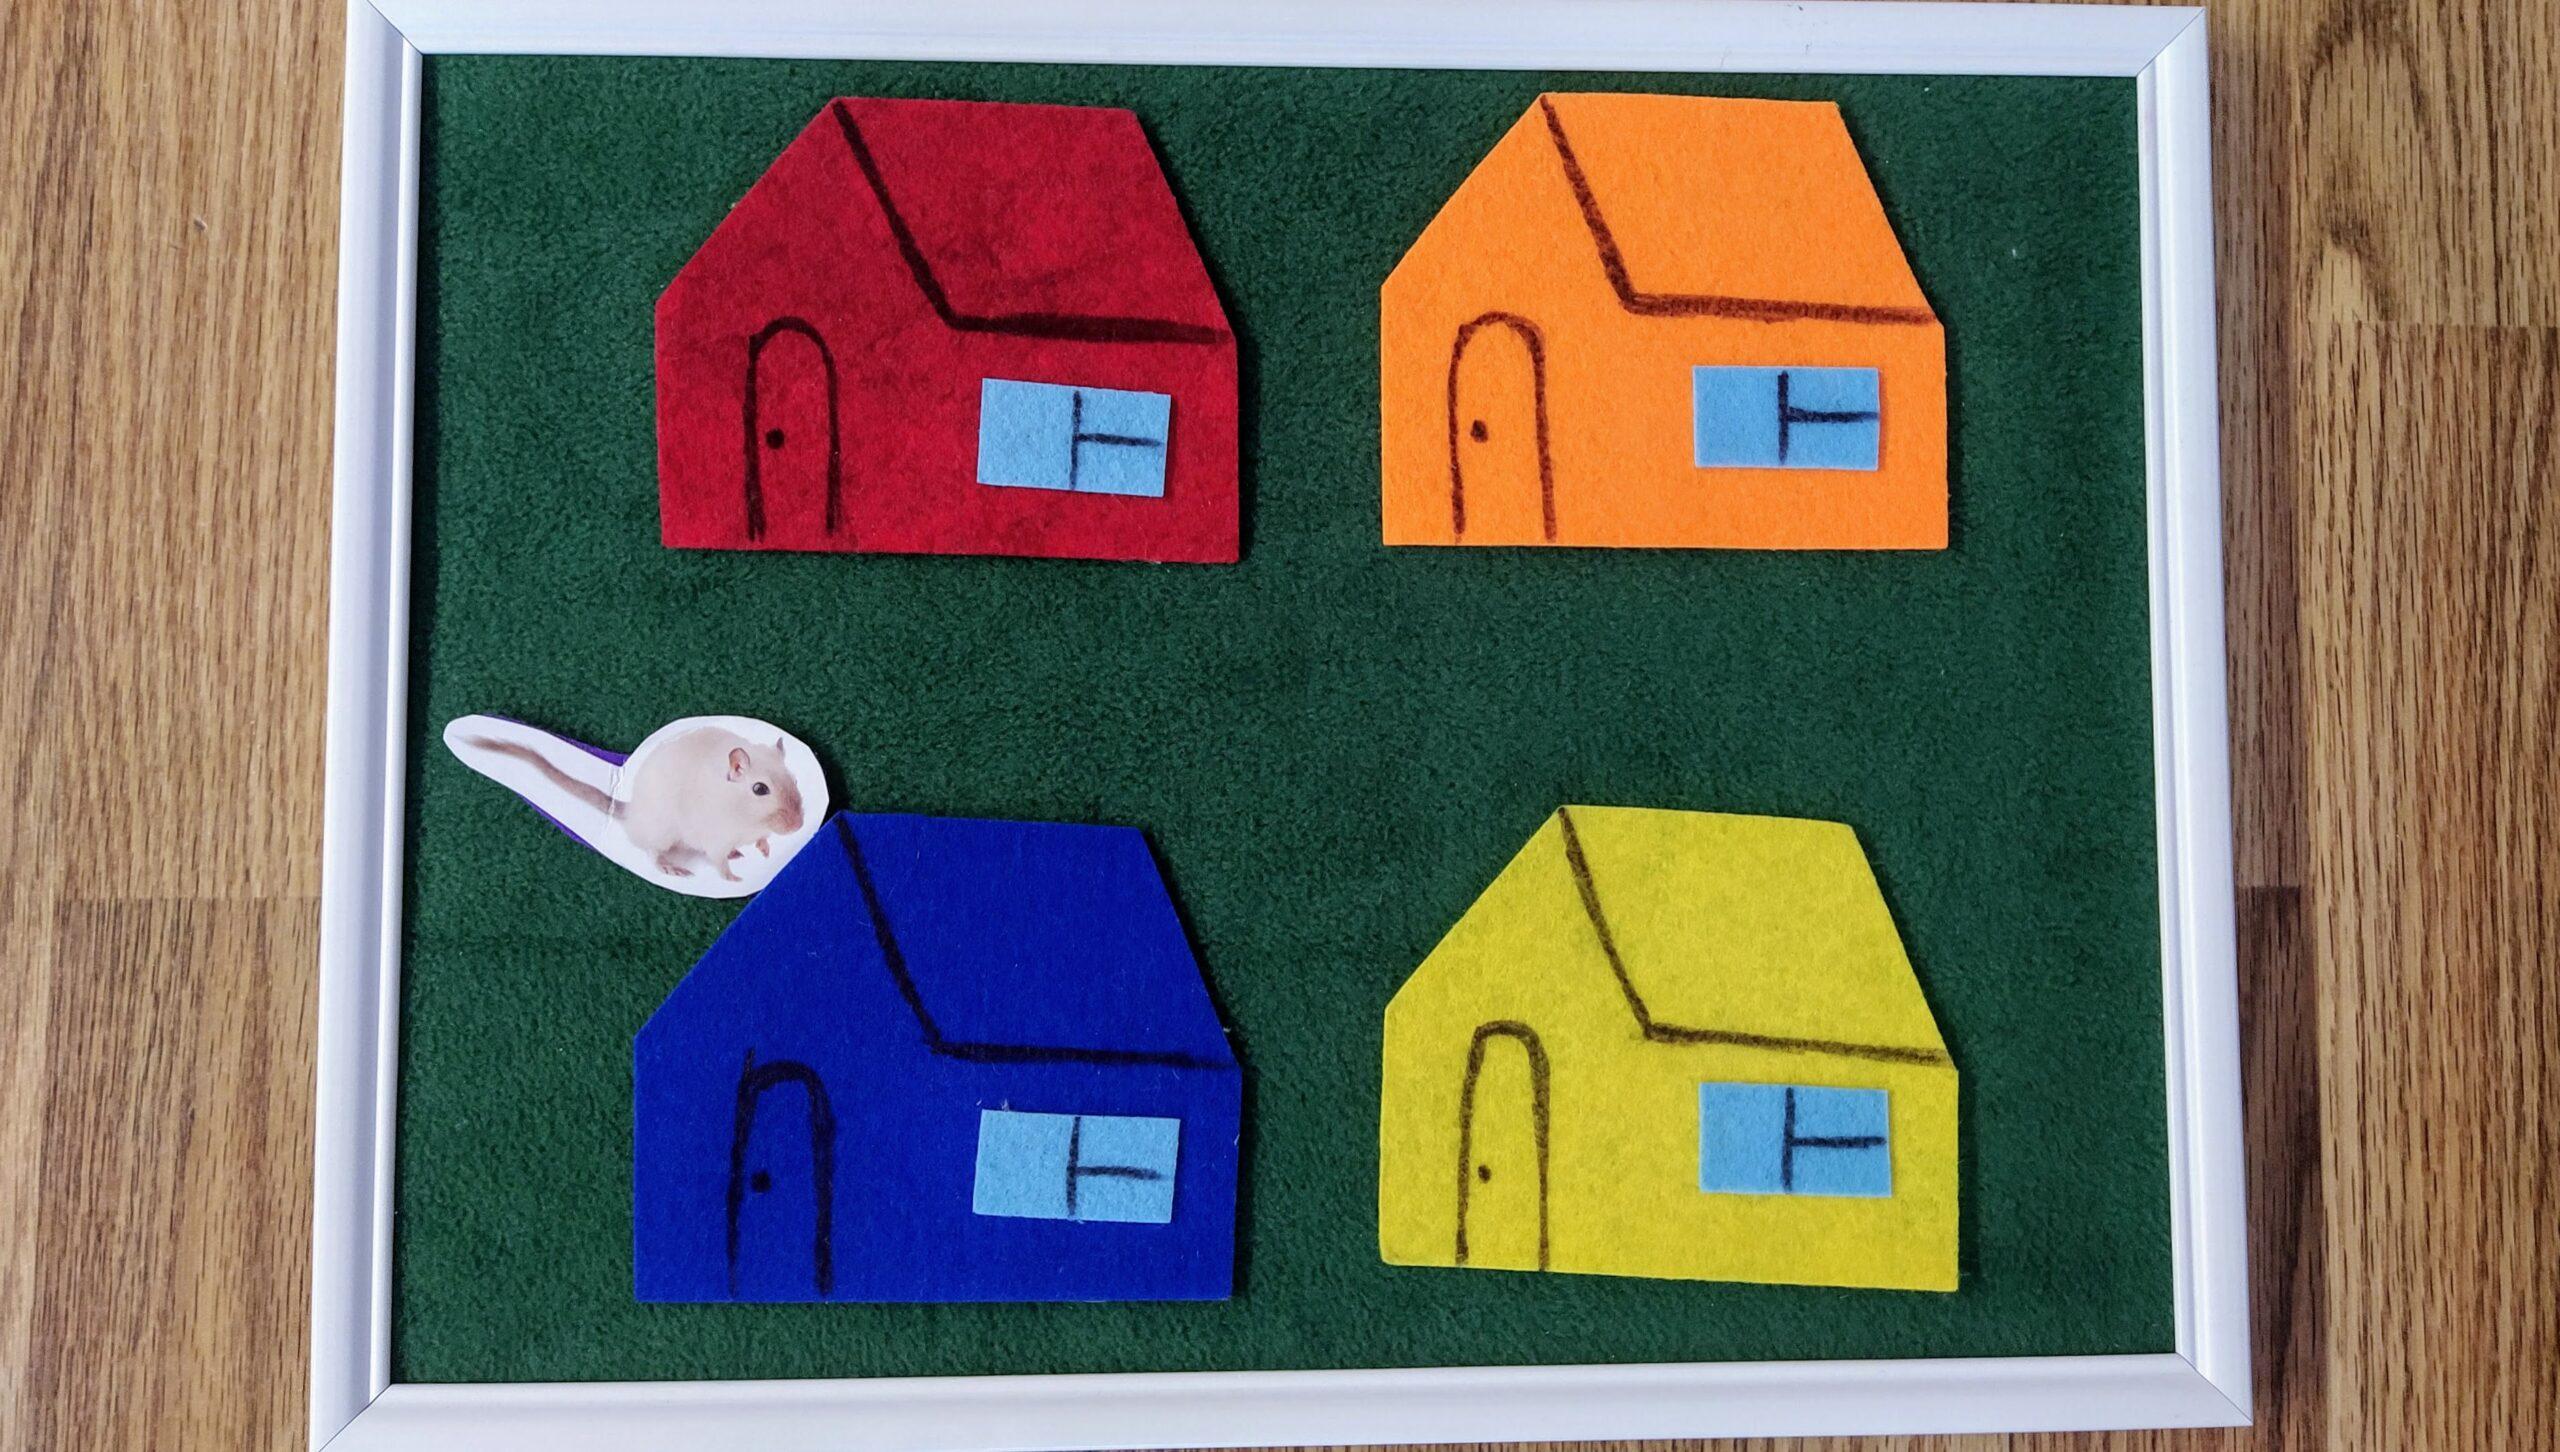 Пример сториборда для обучения детей английскому